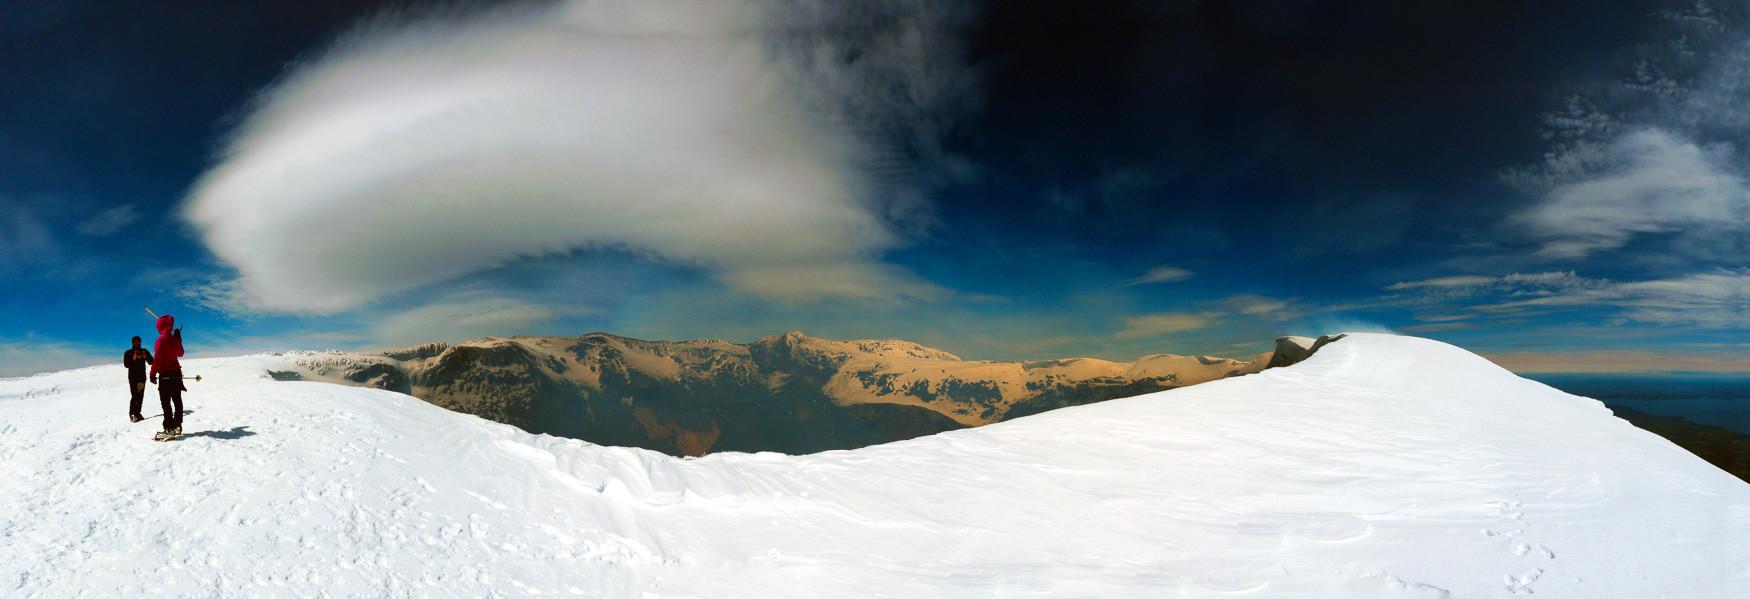 Skitouren in den Anden